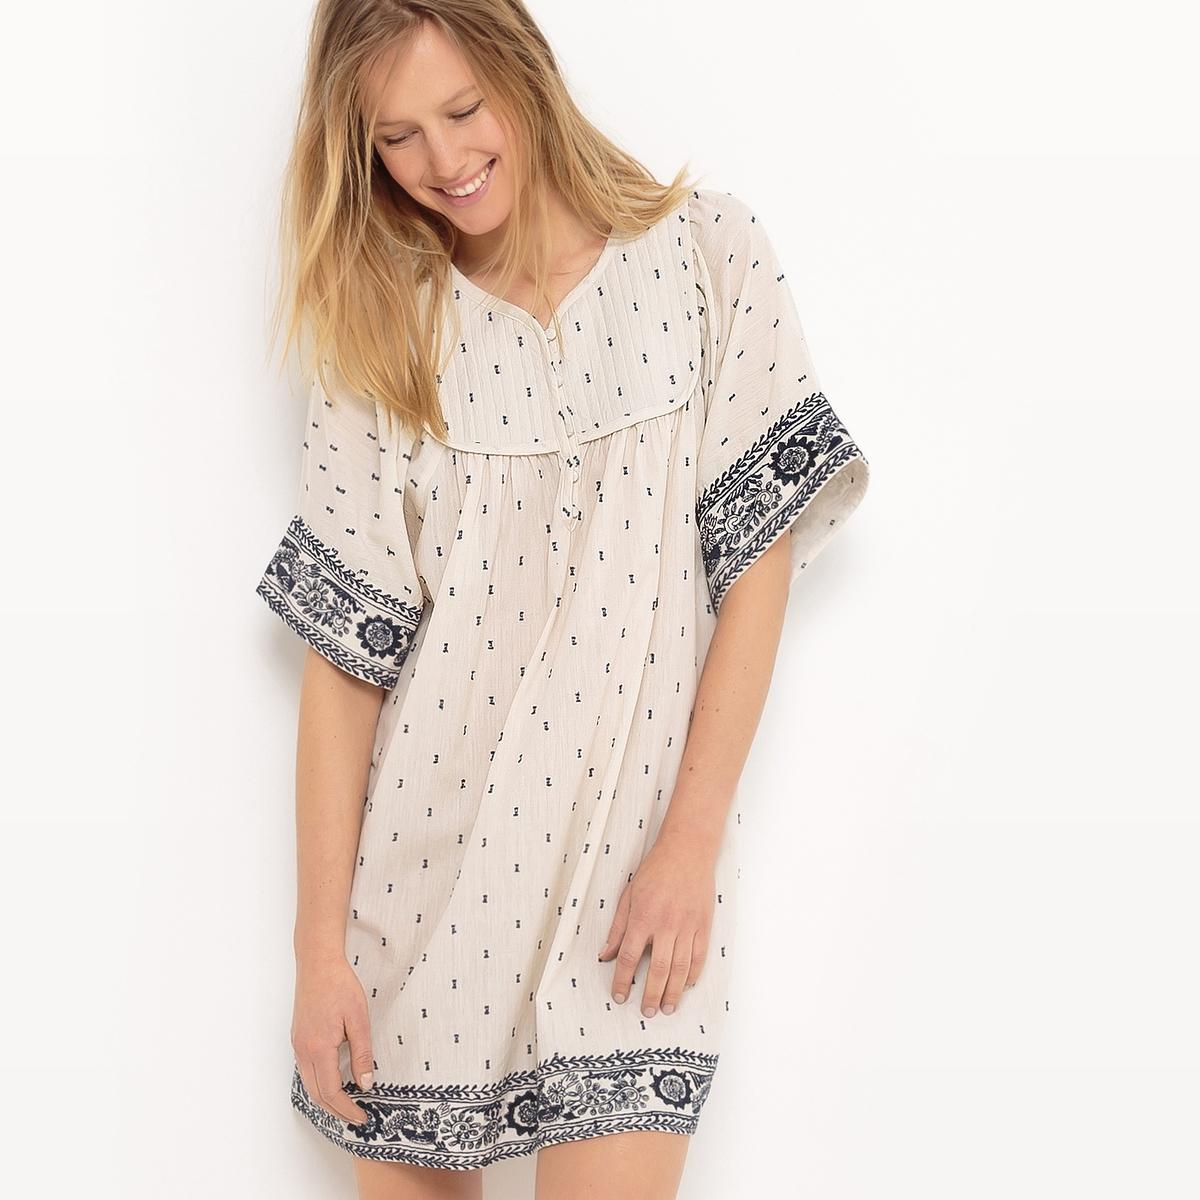 Платье вышитое, с короткими рукавамиМатериал : 100% хлопок             Длина рукава : Короткие рукава             Форма воротника : круглый вырез с разрезом спереди            Покрой платья : расклешенное платье            Рисунок : однотонная модель            Особенность материала : с вышивкой             Длина платья : до колен<br><br>Цвет: слоновая кость/синий<br>Размер: 34 (FR) - 40 (RUS).36 (FR) - 42 (RUS).42 (FR) - 48 (RUS)